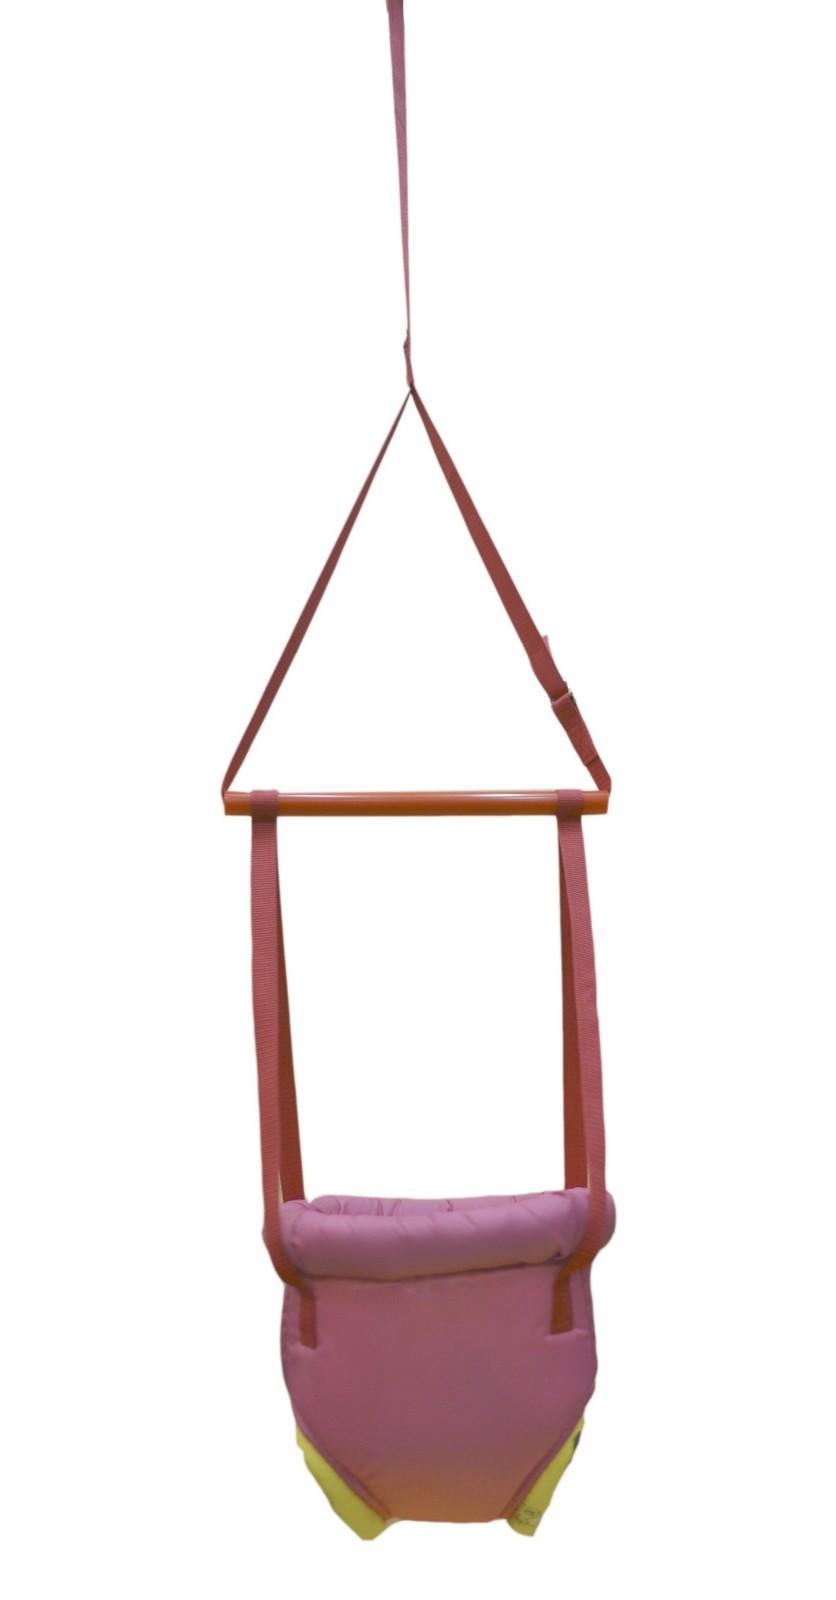 прыгунки Детский тренажер Мирти Прыгунки №4, 4610003450045, розовый